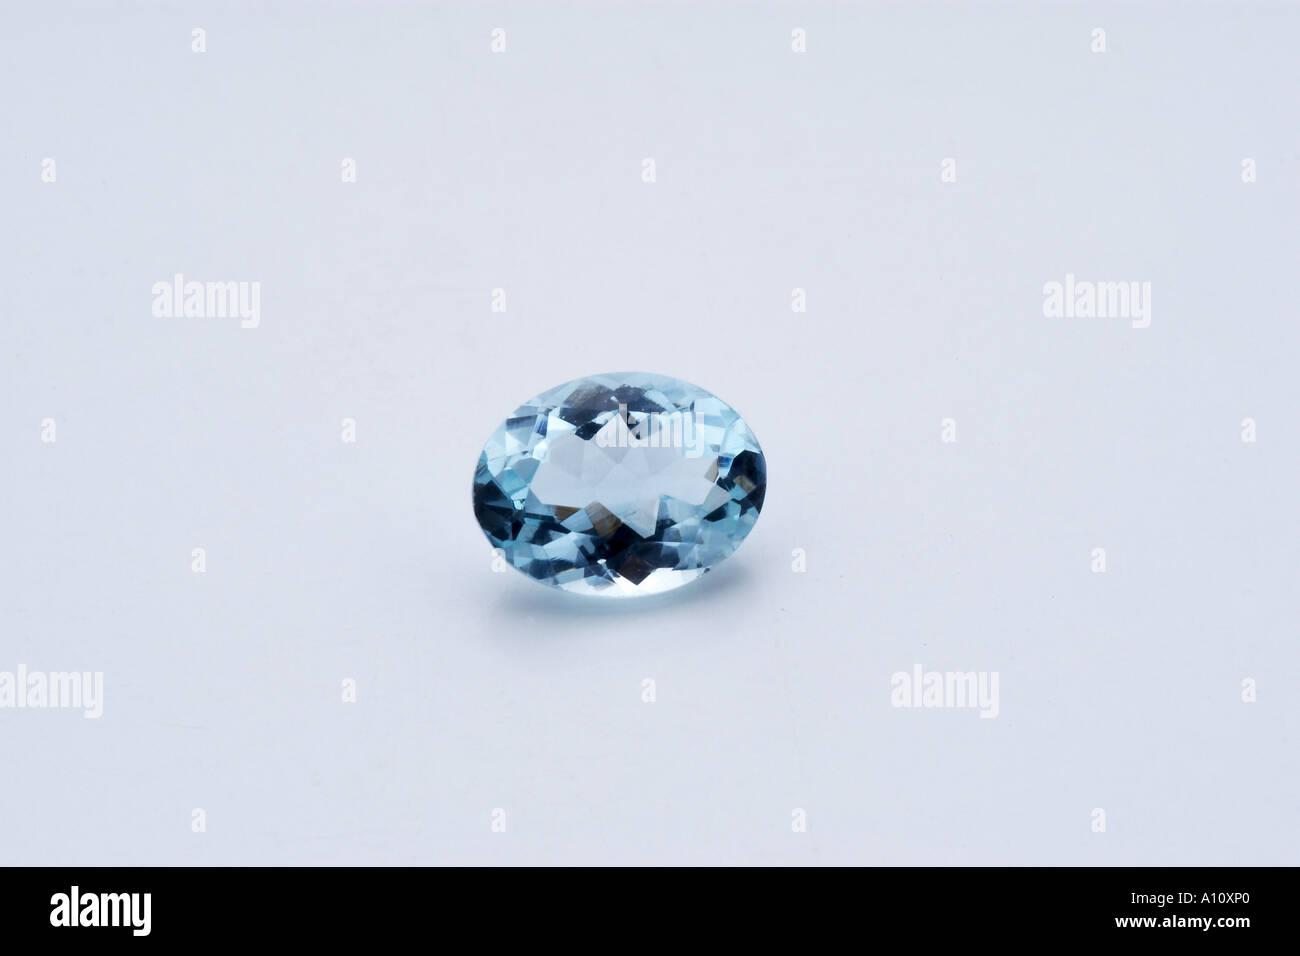 UGA75749 Aquamarine Semi Precious Stone on white background - Stock Image